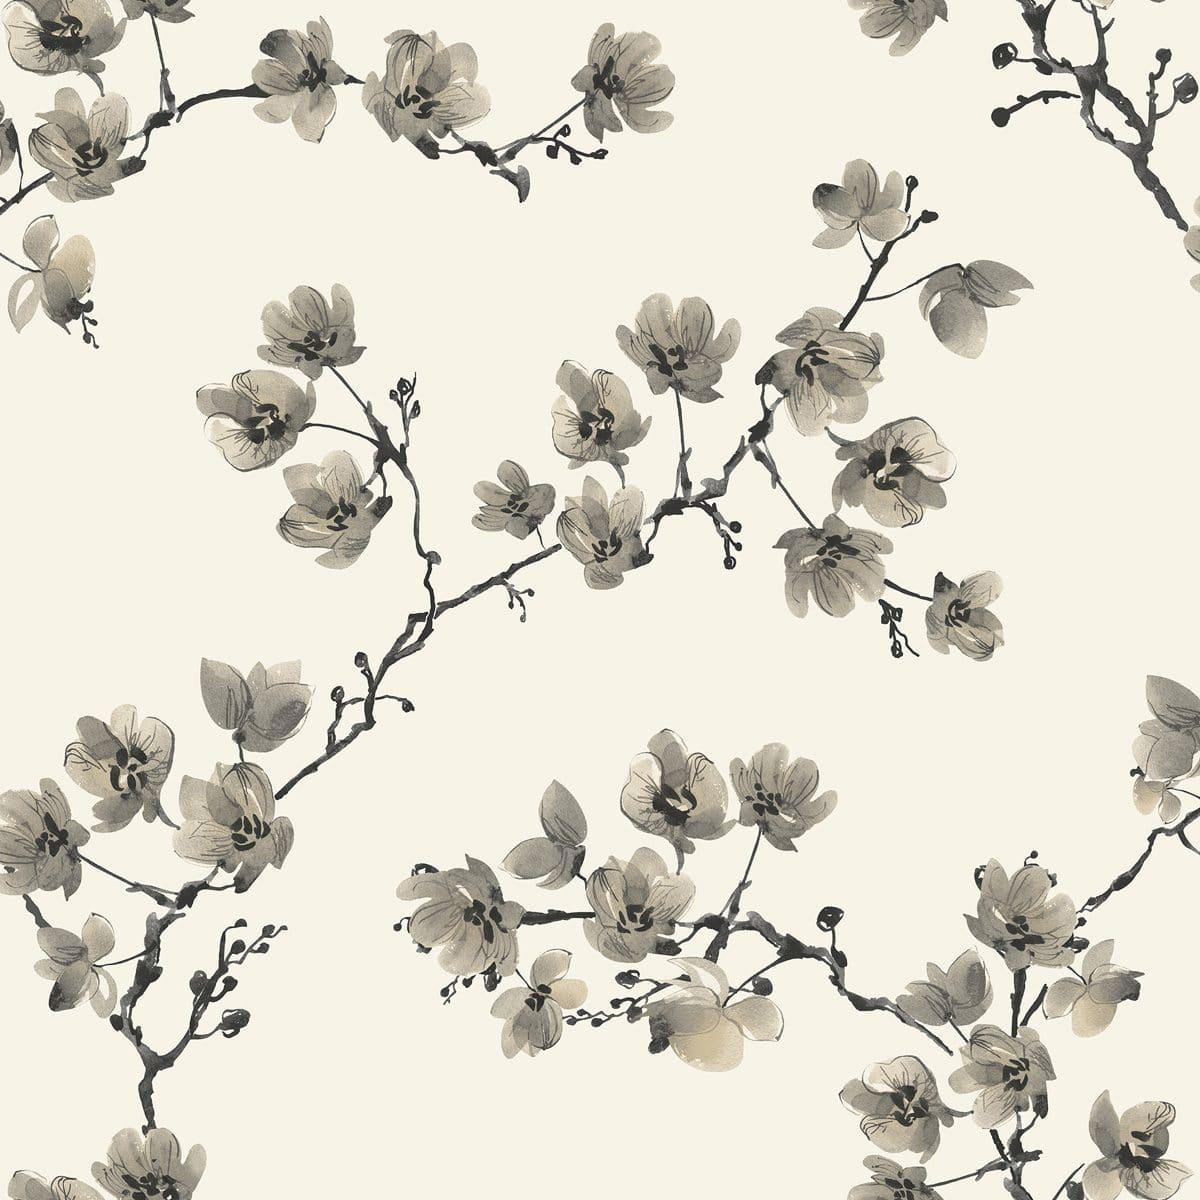 Pagoda-wallpaper-blossom-MH00428